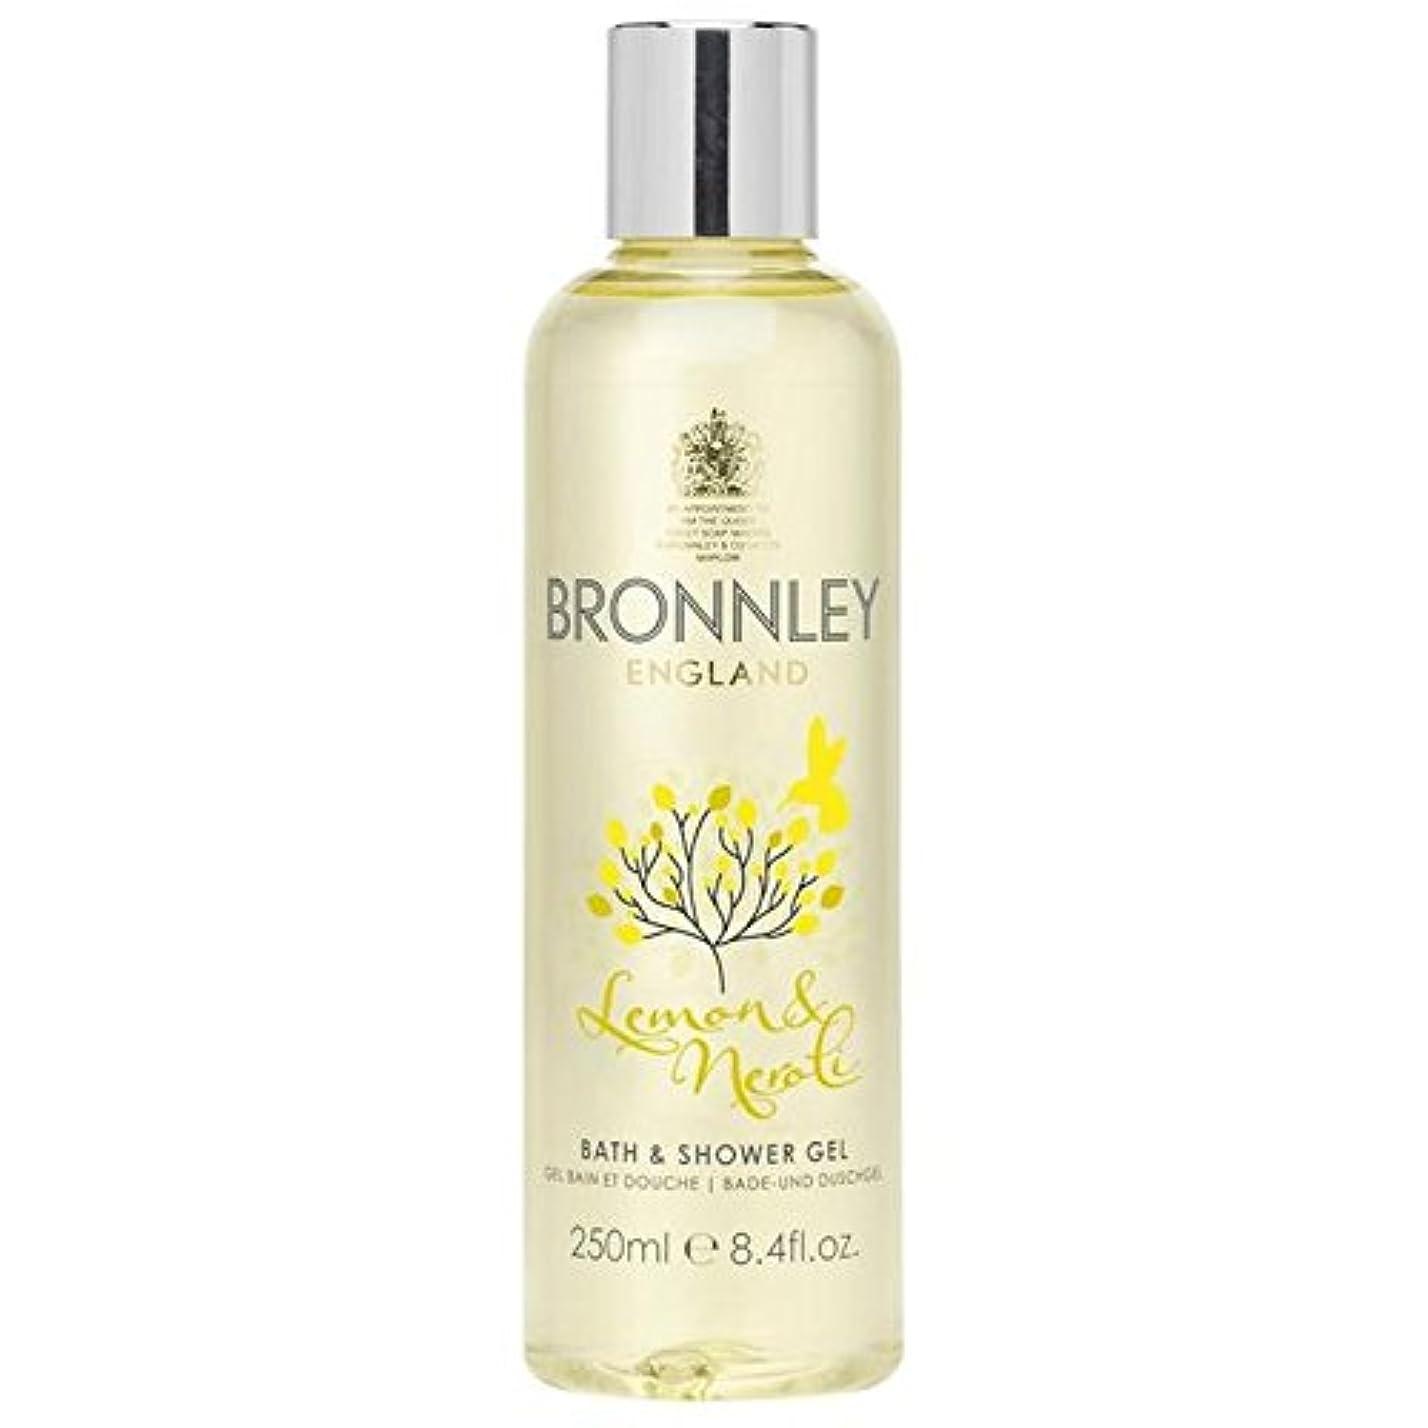 分類確認分岐するレモン&ネロリバス&シャワージェル250ミリリットル x4 - Bronnley Lemon & Neroli Bath & Shower Gel 250ml (Pack of 4) [並行輸入品]